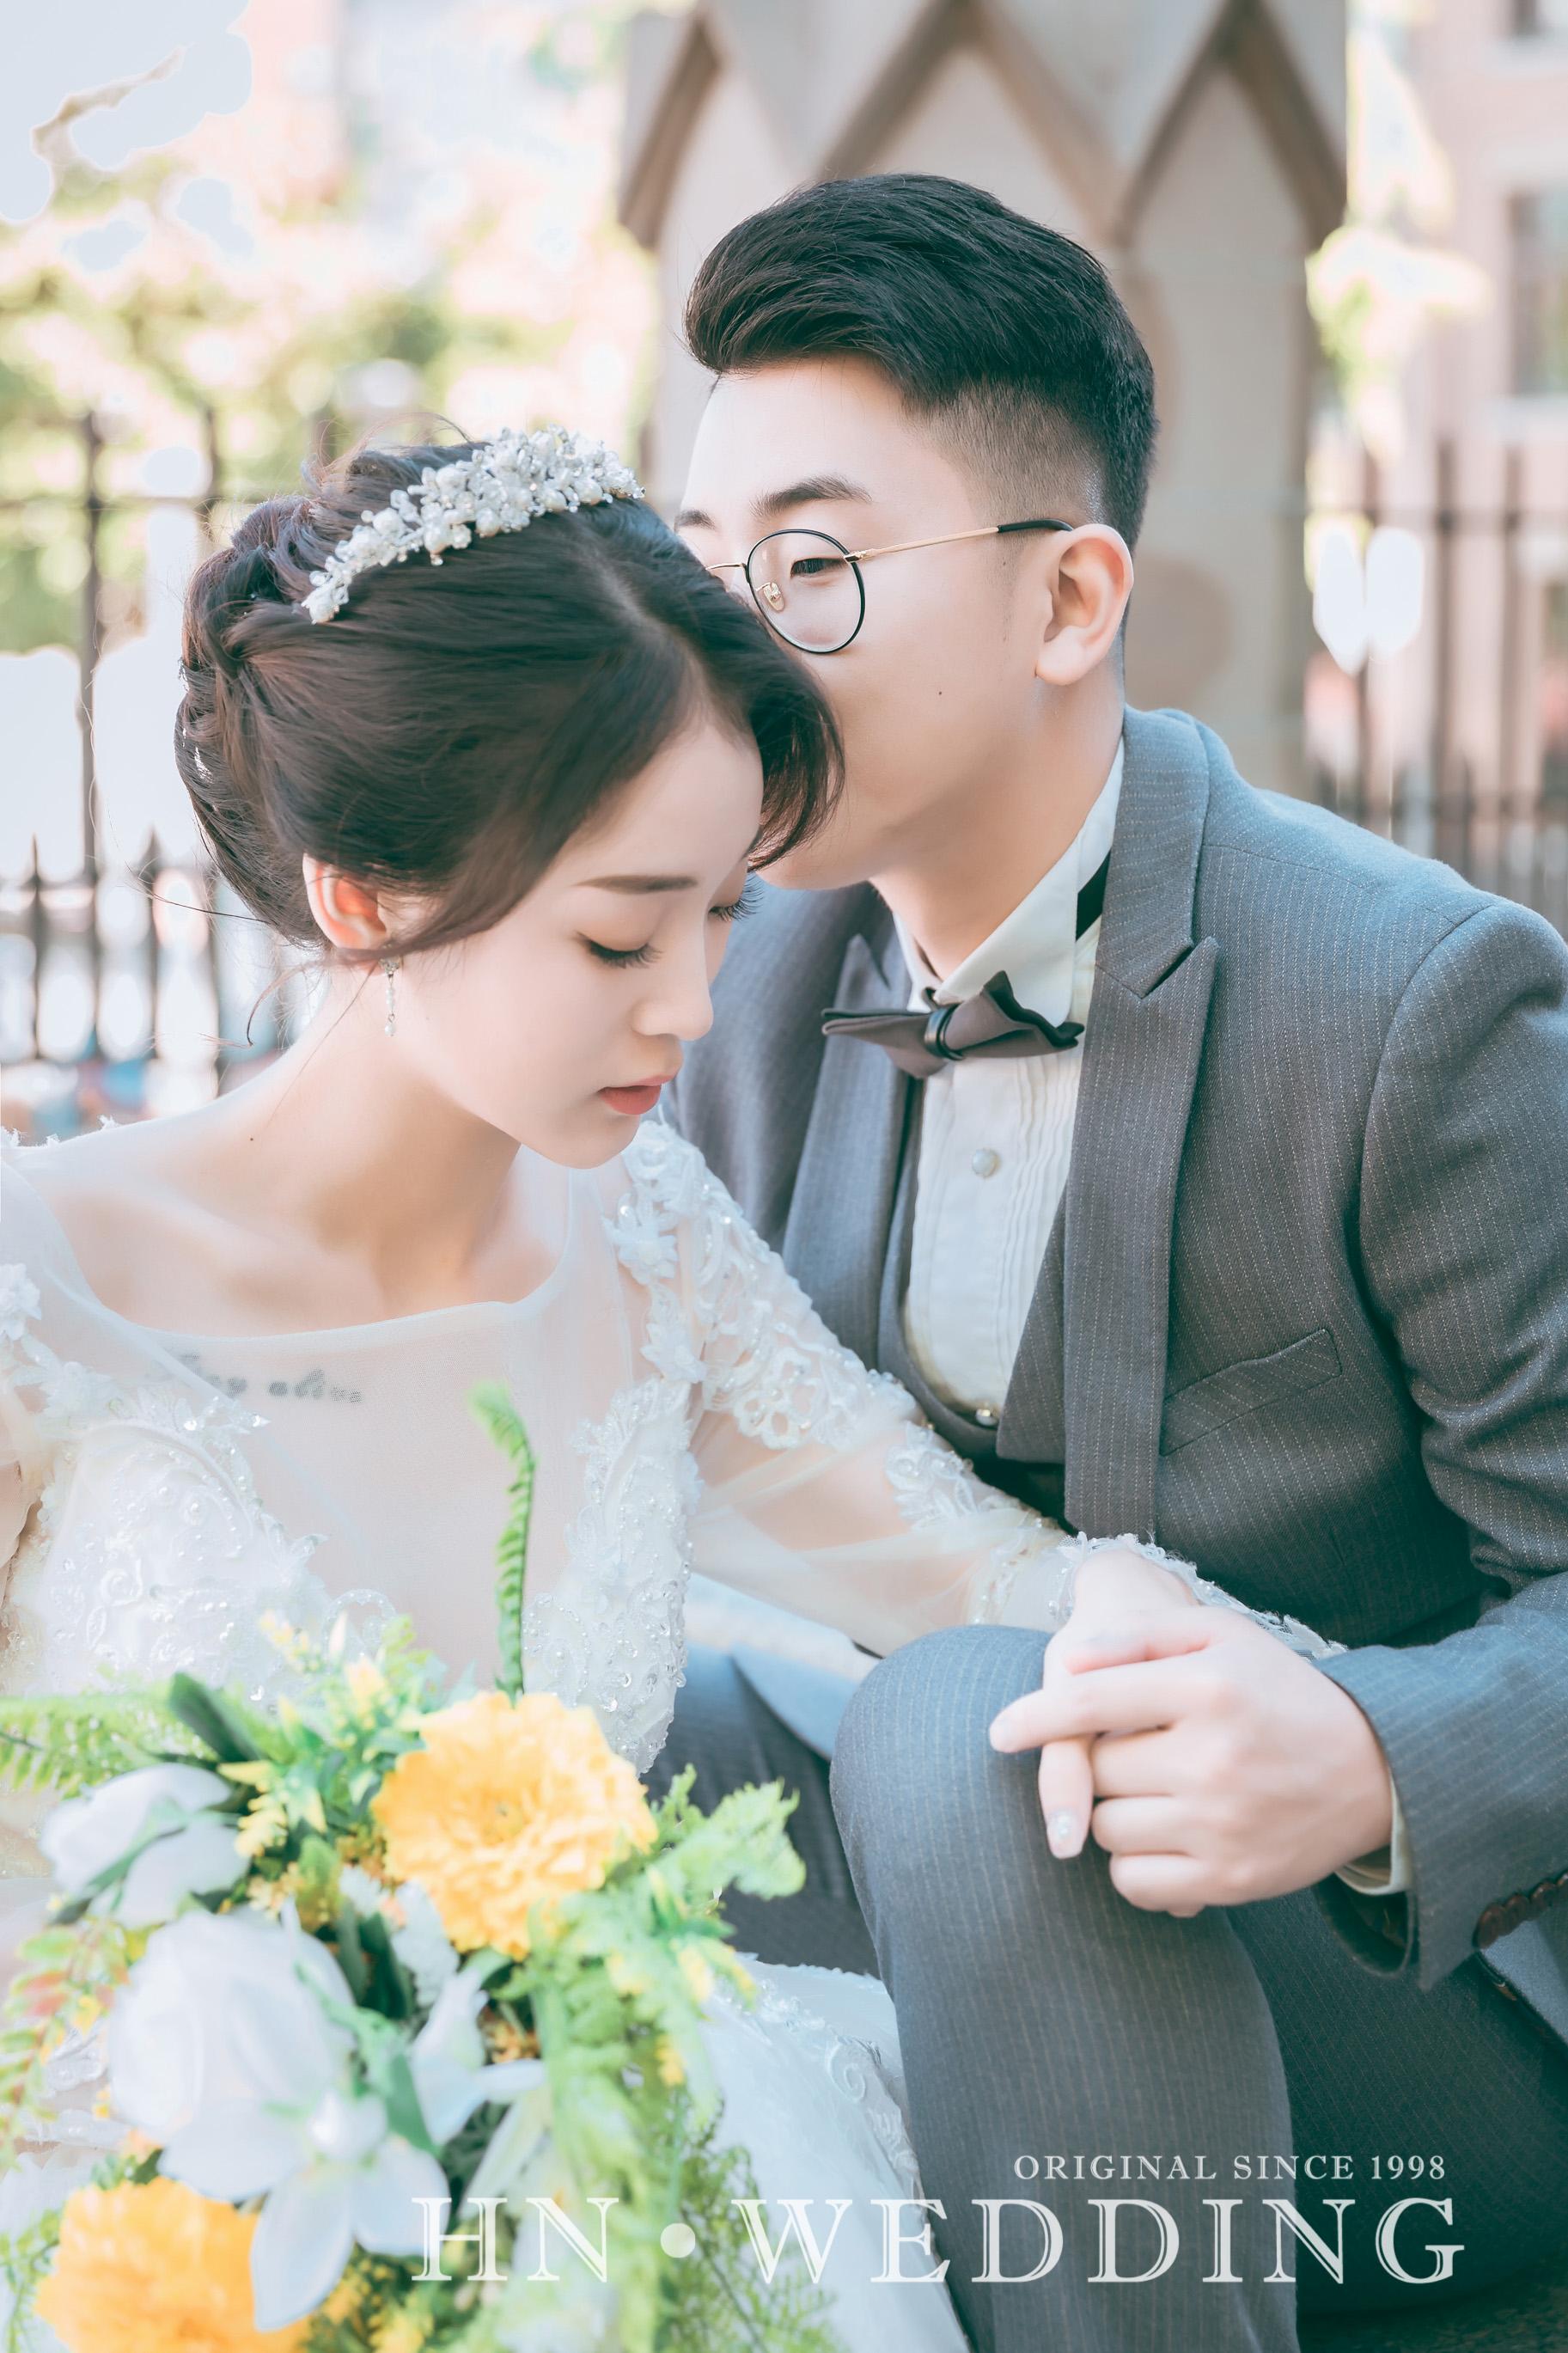 hnweddingprewedding0905--4.jpg